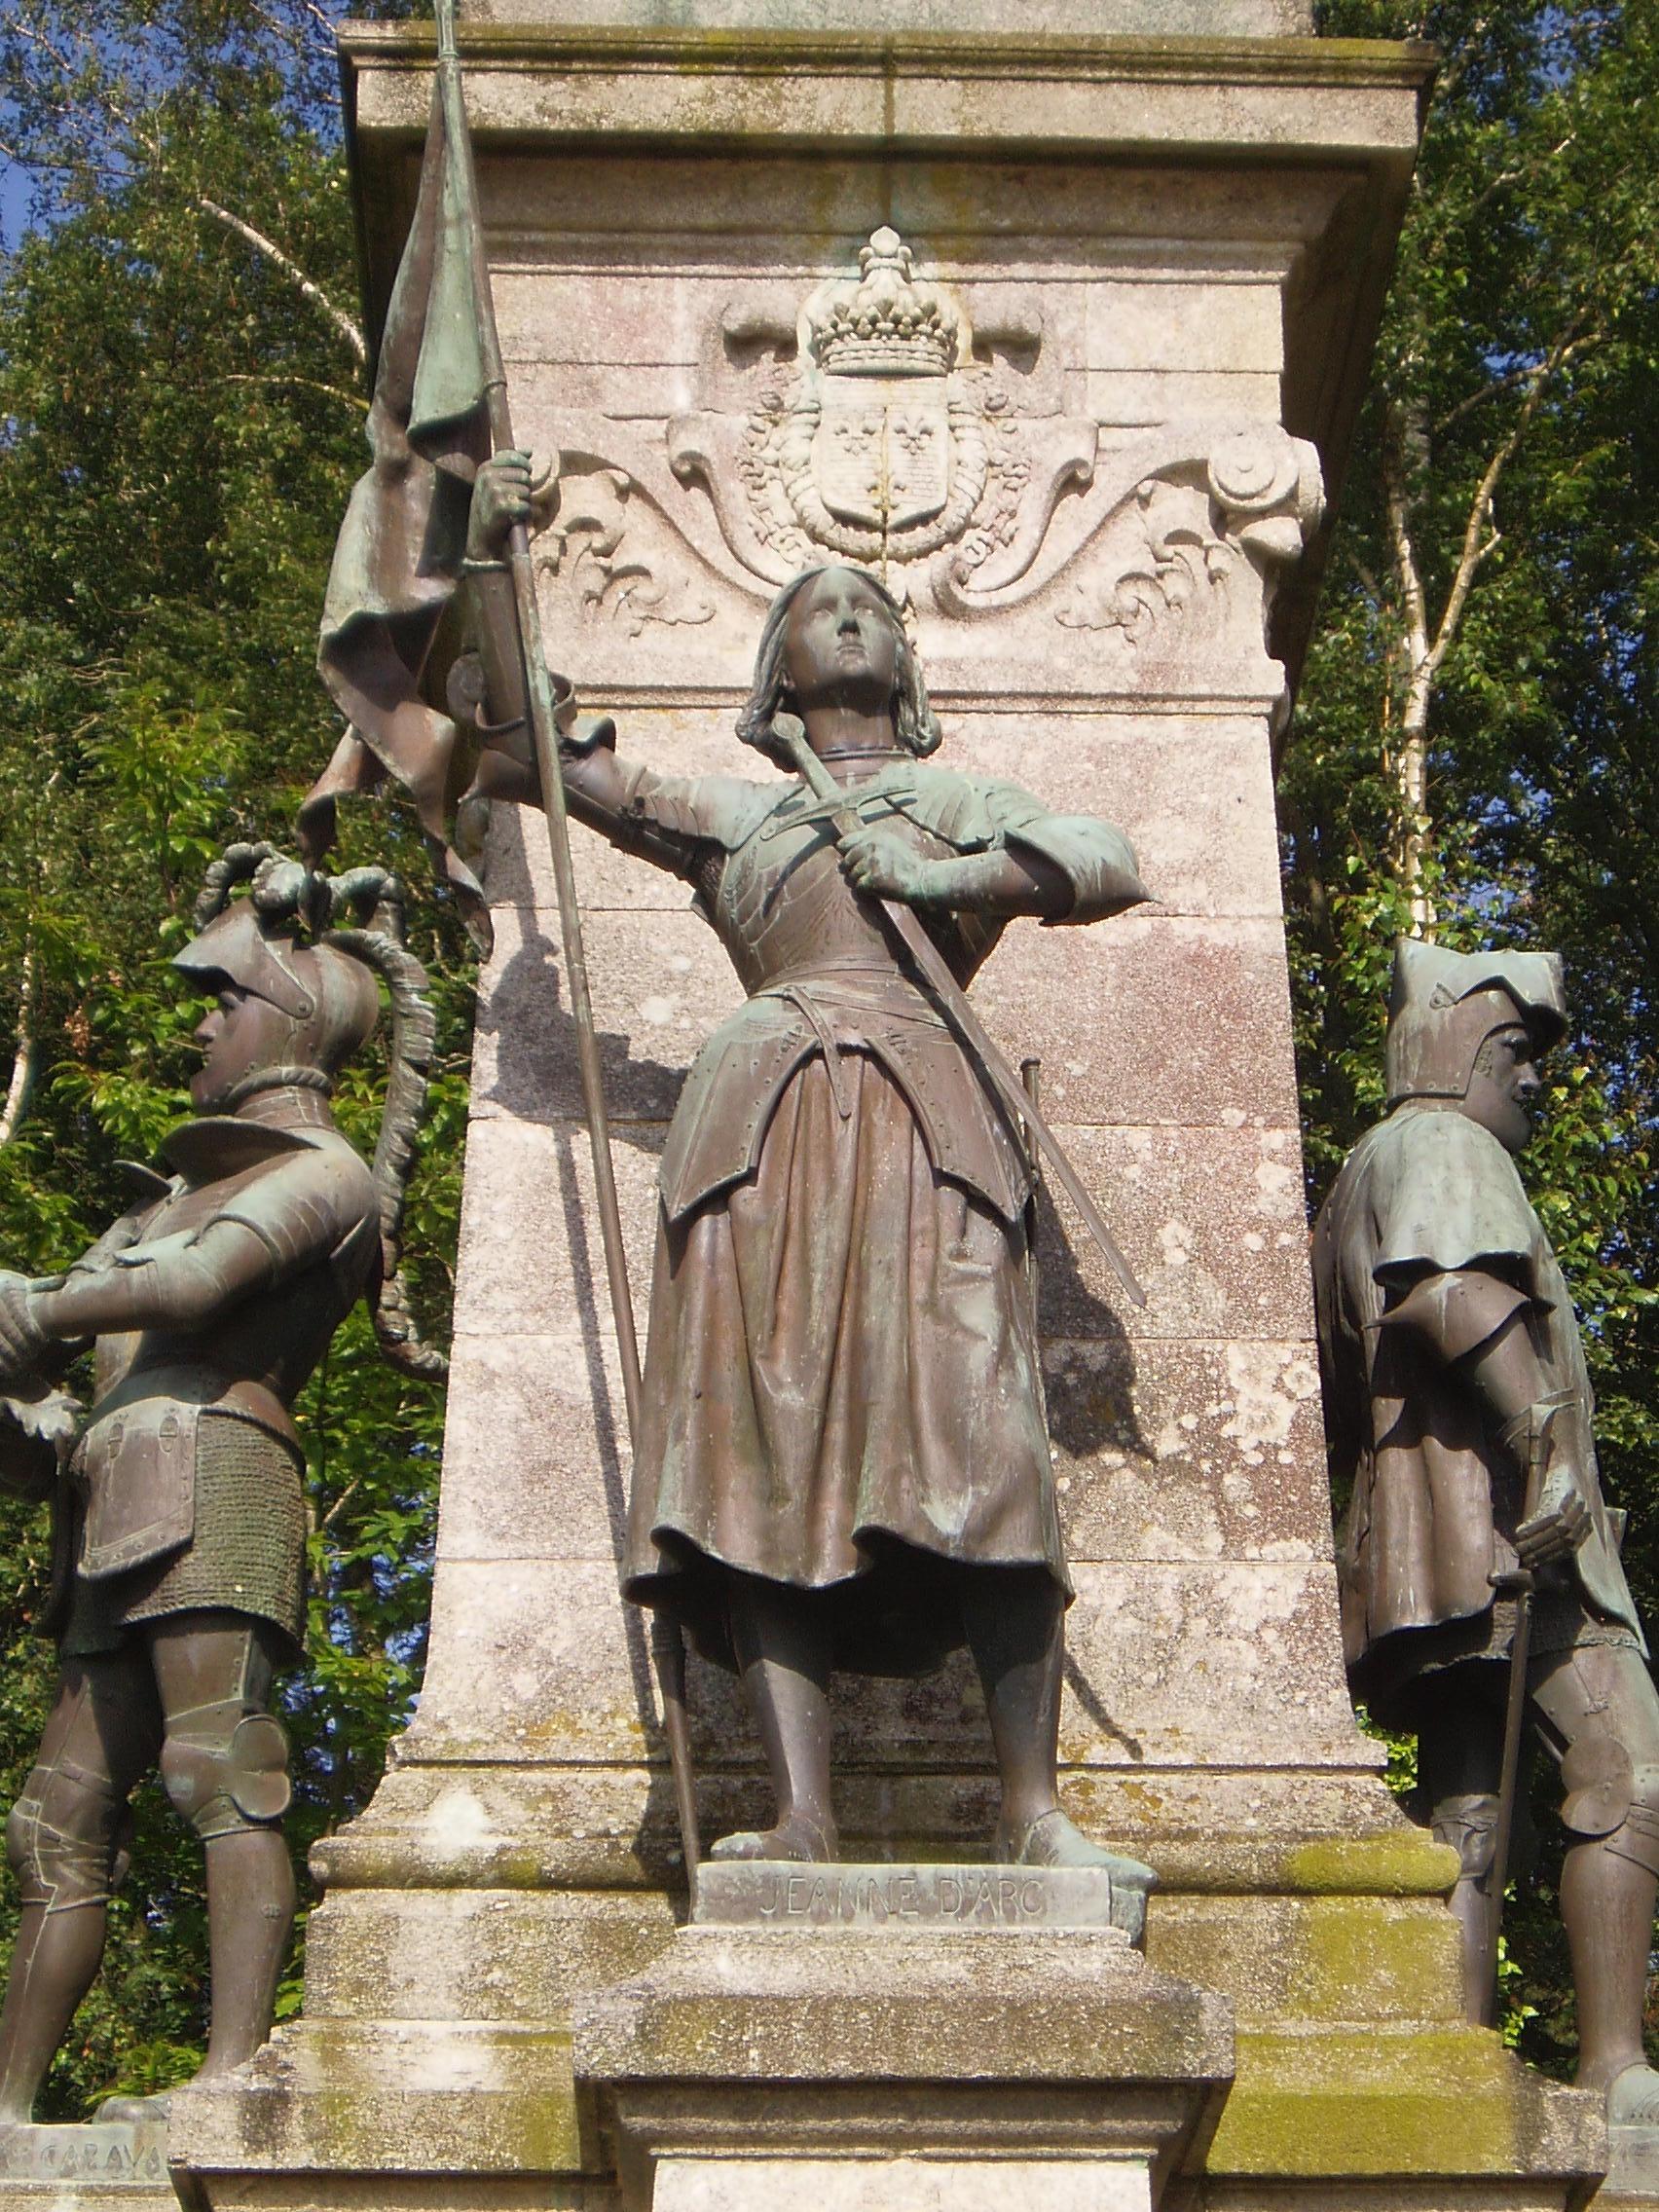 Mémorial du comte de Chambord : Jeanne d'arc